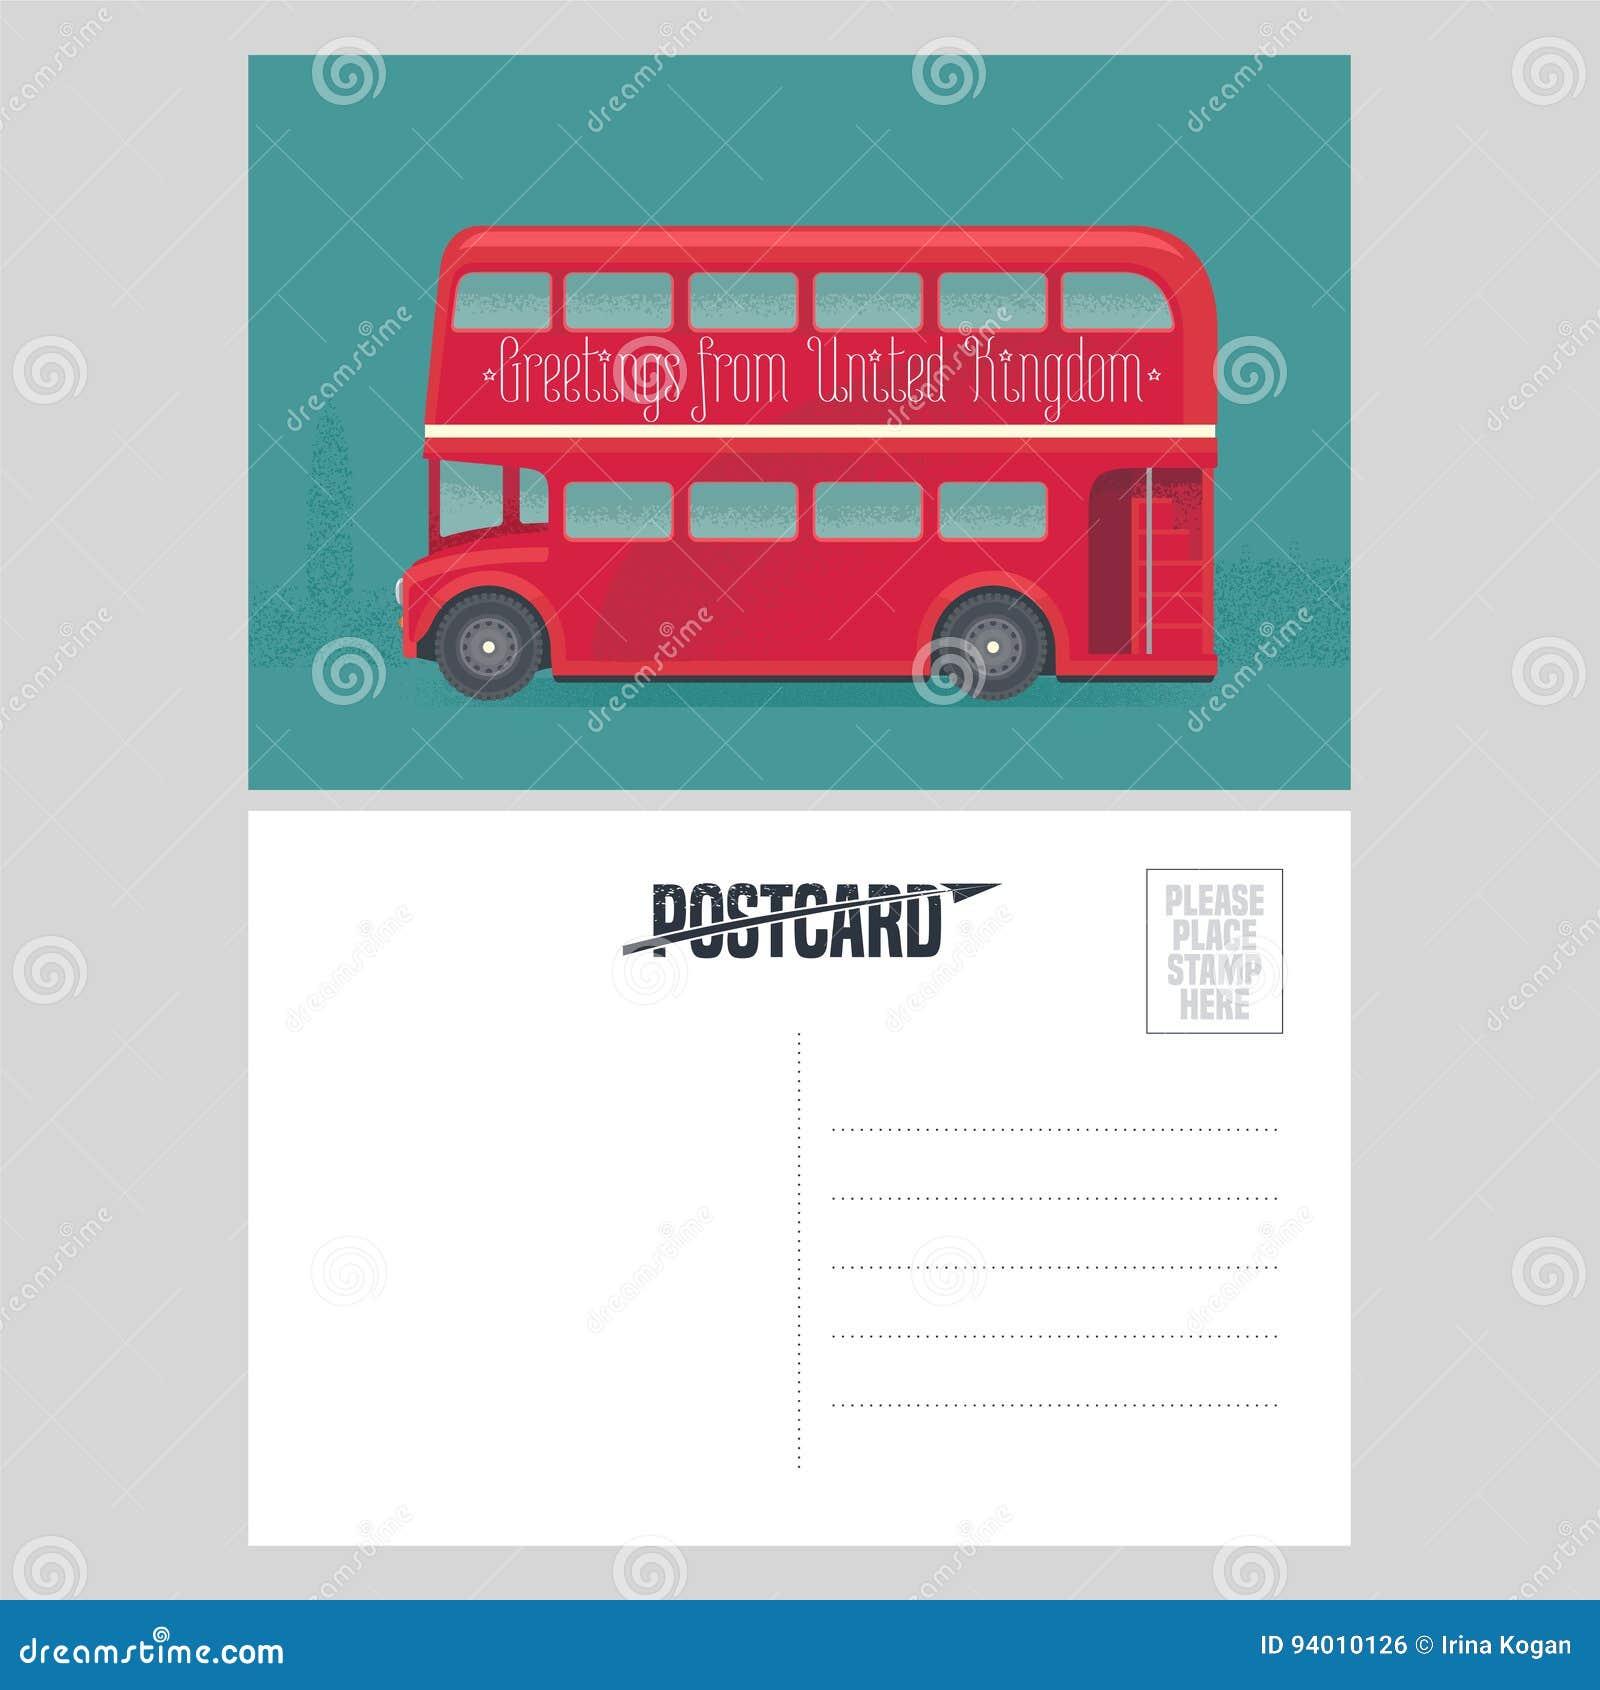 Plantilla De La Postal Con Saludos De Reino Unido, Reino Unido Con ...